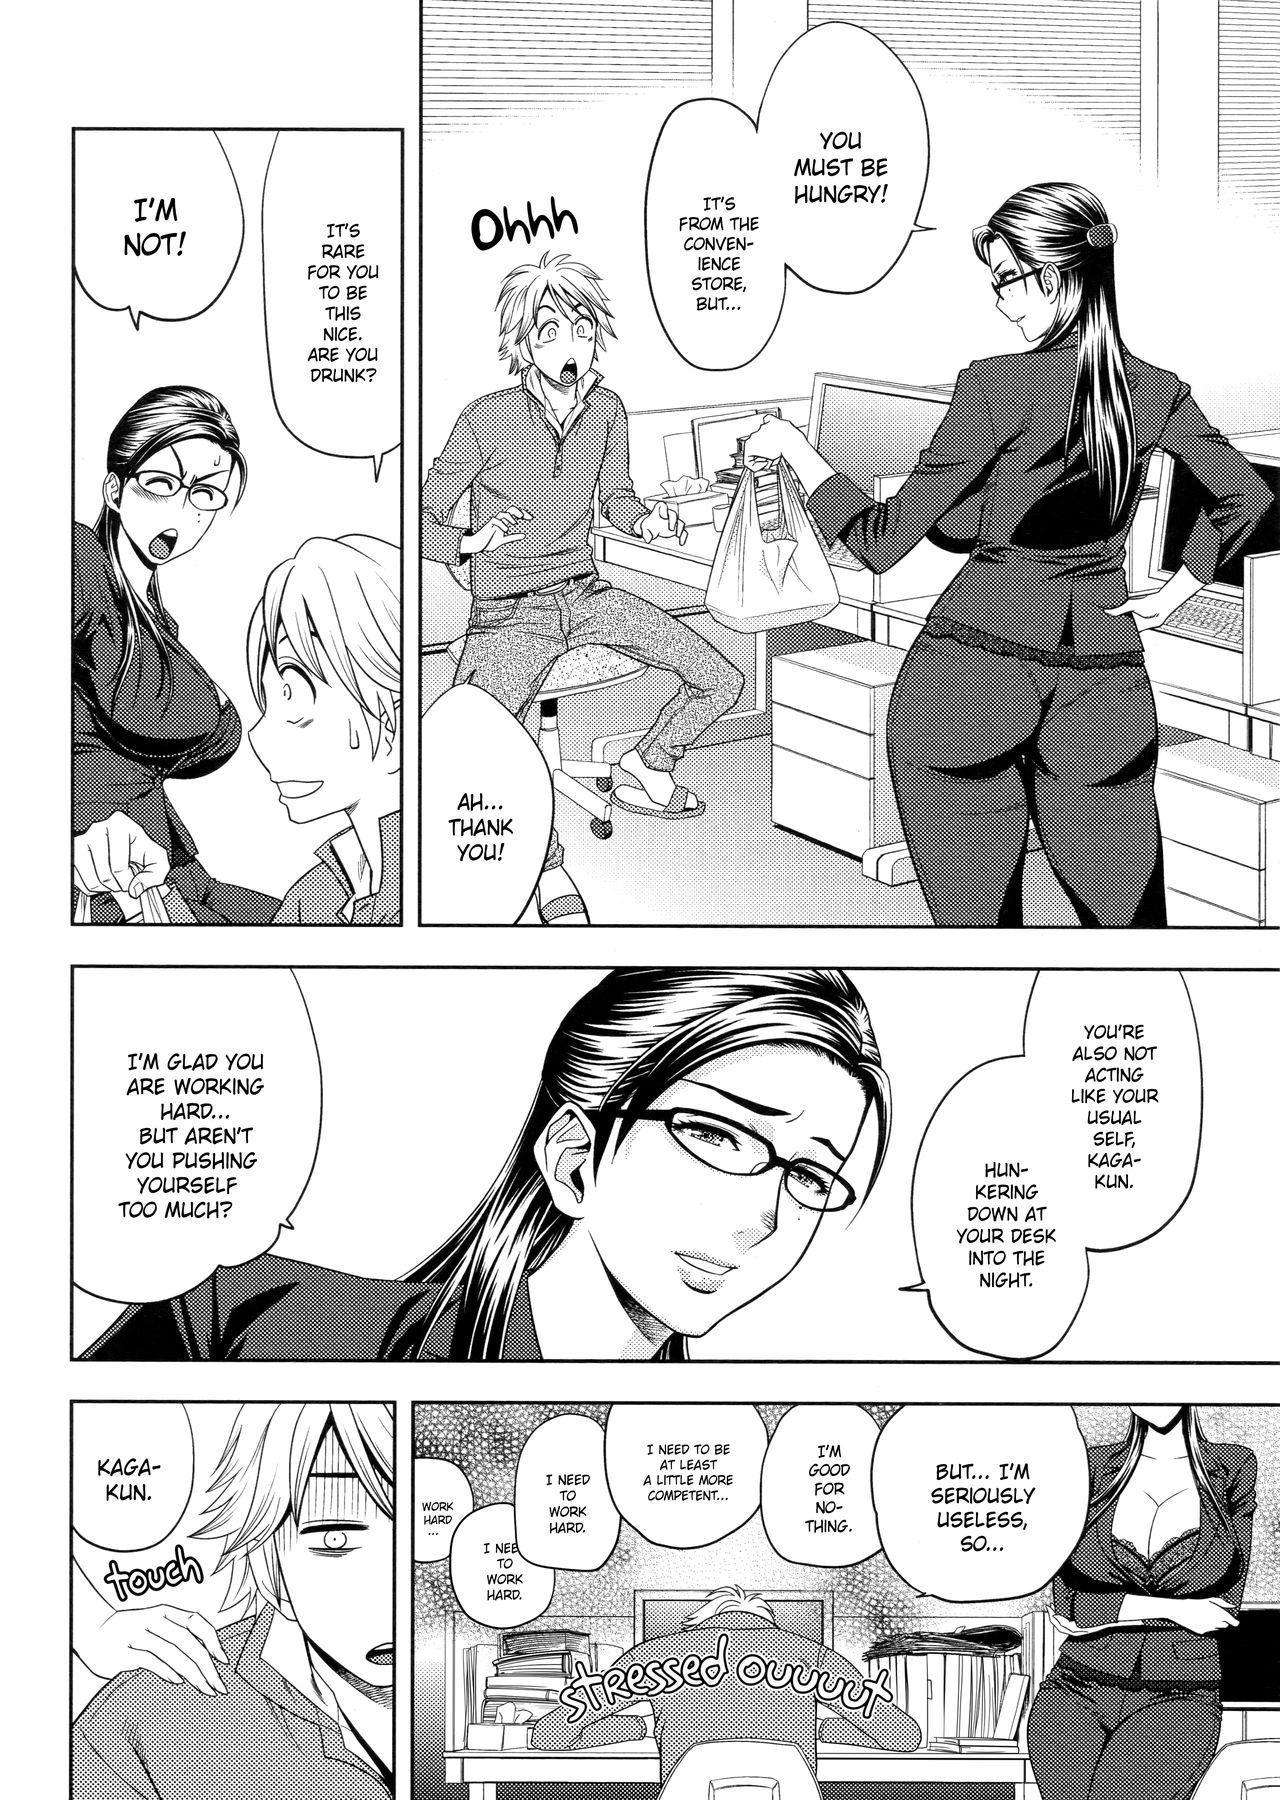 [Tatsunami Youtoku, Yamazaki Masato] Bijin Henshuu-chou no Himitsu | Beautiful Editor-in-Chief's Secret Ch. 1-4 [English] [Forbiddenfetish77, Red Vodka] [Decensored] 73